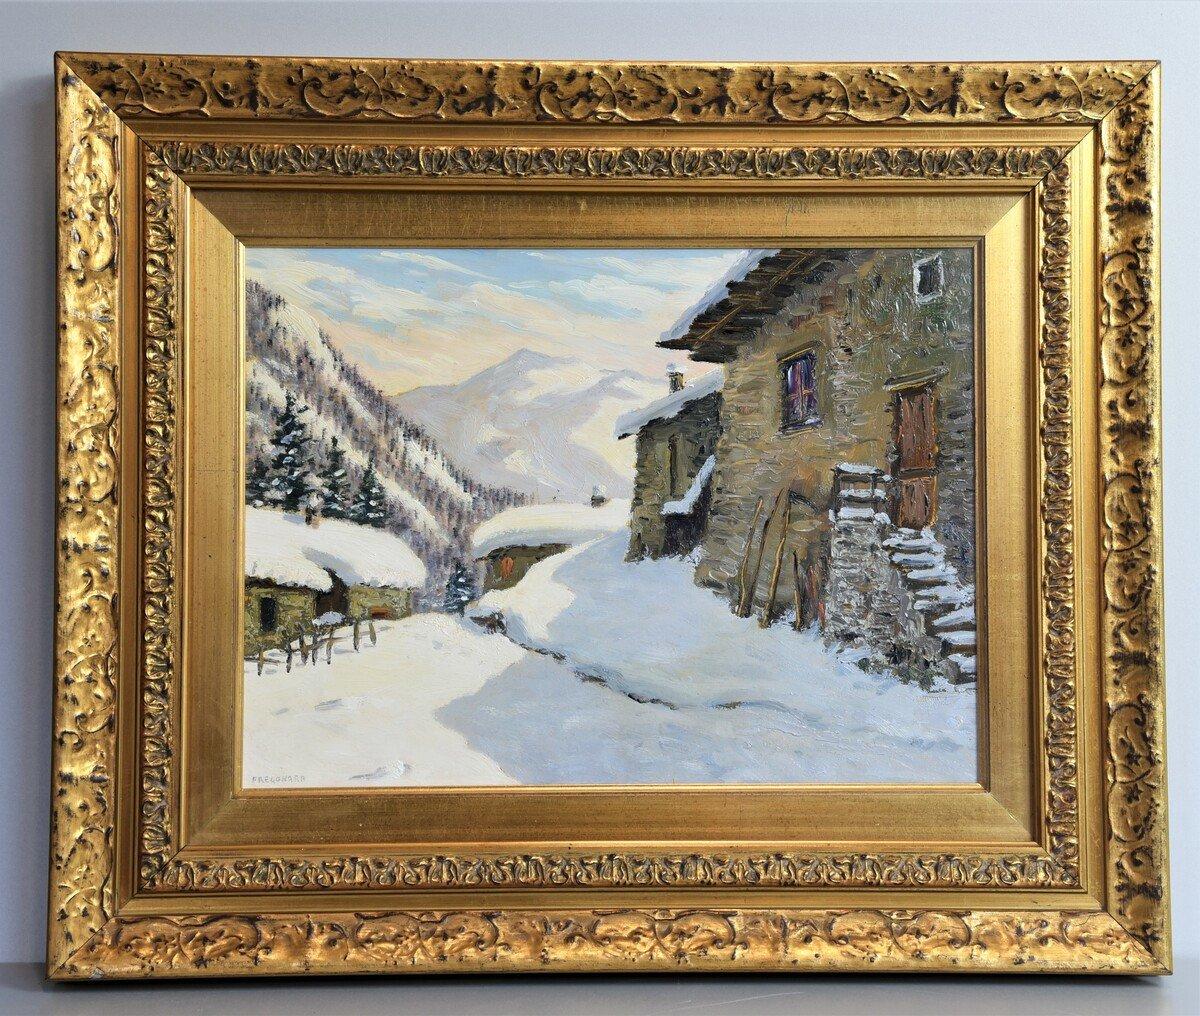 Peinture à l'Huile Sur Panneau - Paysage De Montagne Par Luciano Fregonara